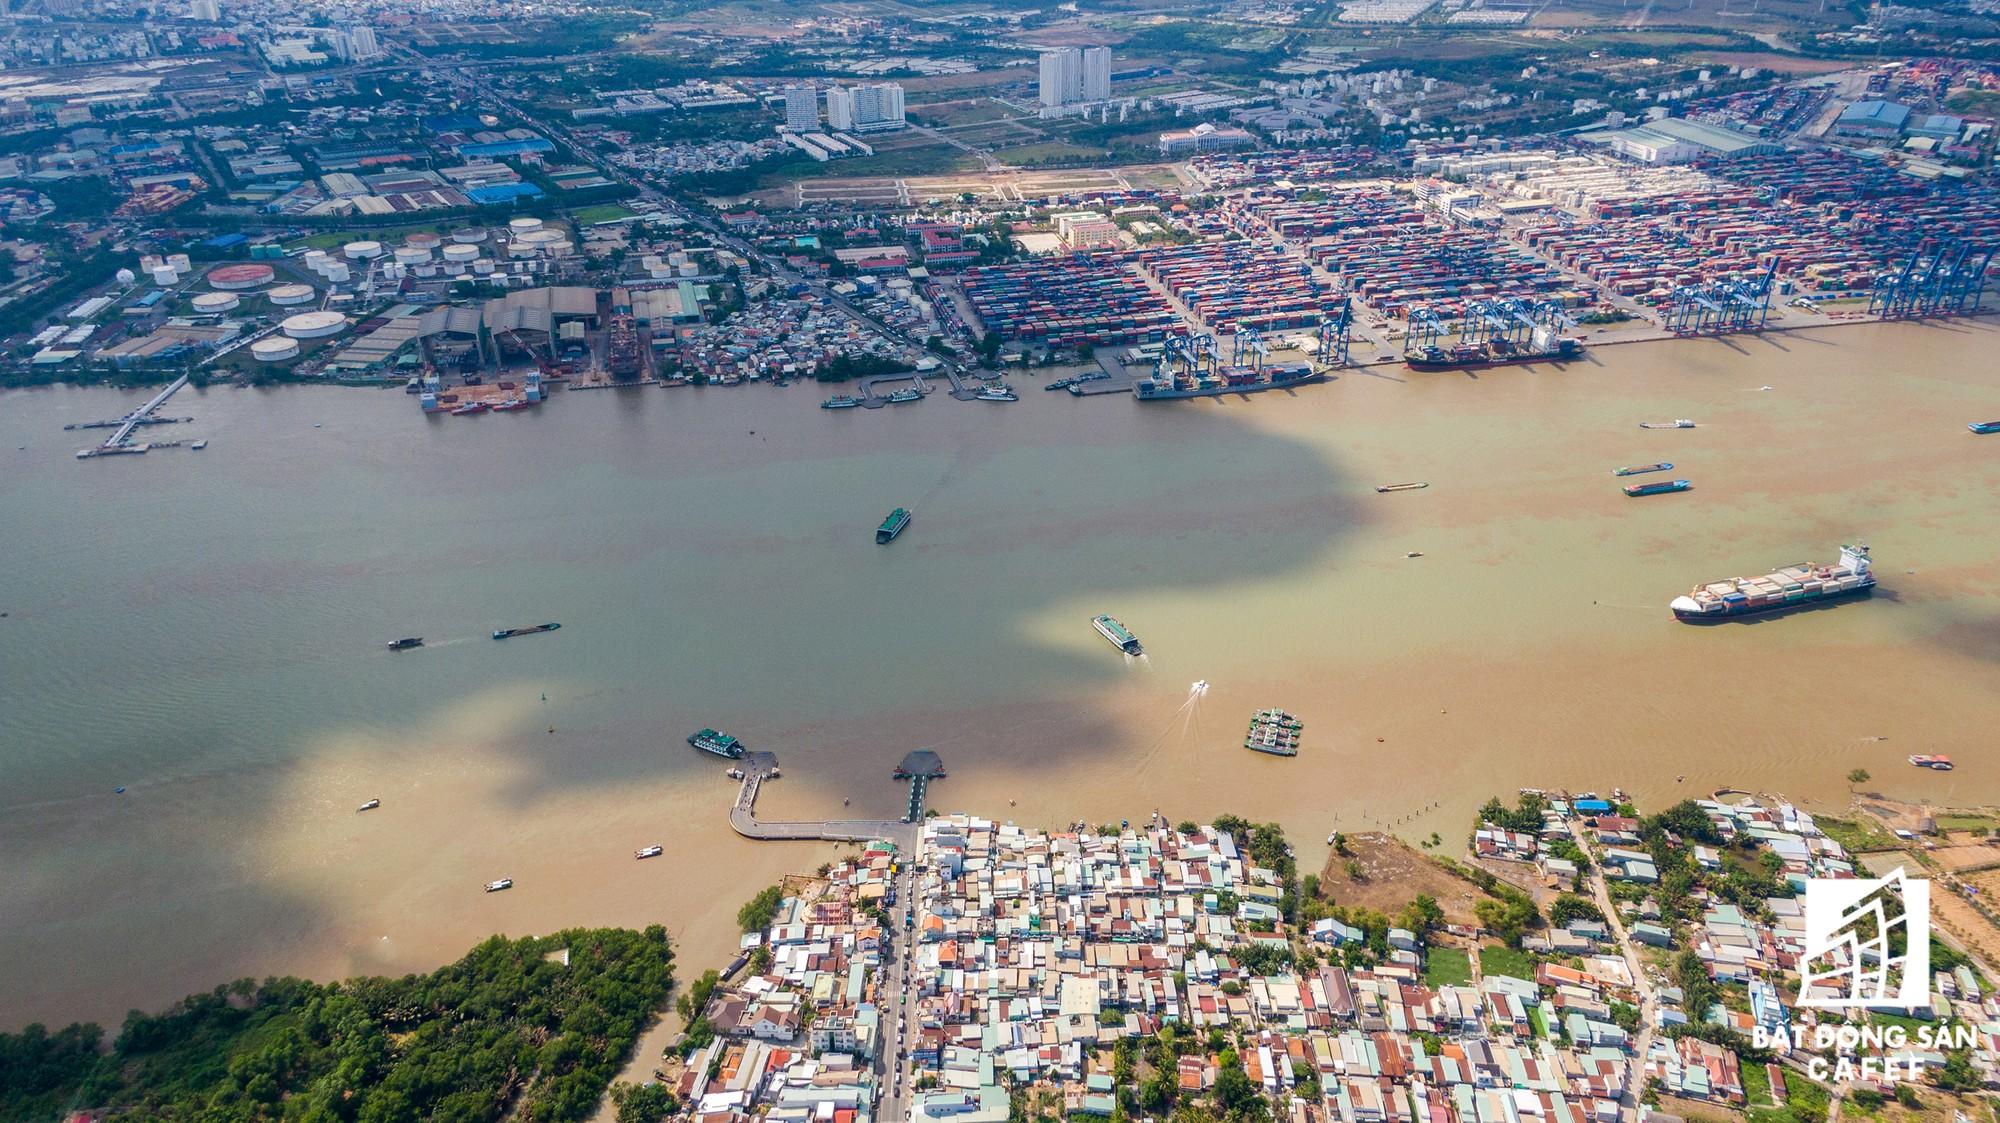 Đồng Nai chốt phương án xây cầu Cát Lái nối Nhơn Trạch và TP.HCM, bức tranh thị trường bất động sản thay đổi chóng mặt - Ảnh 2.